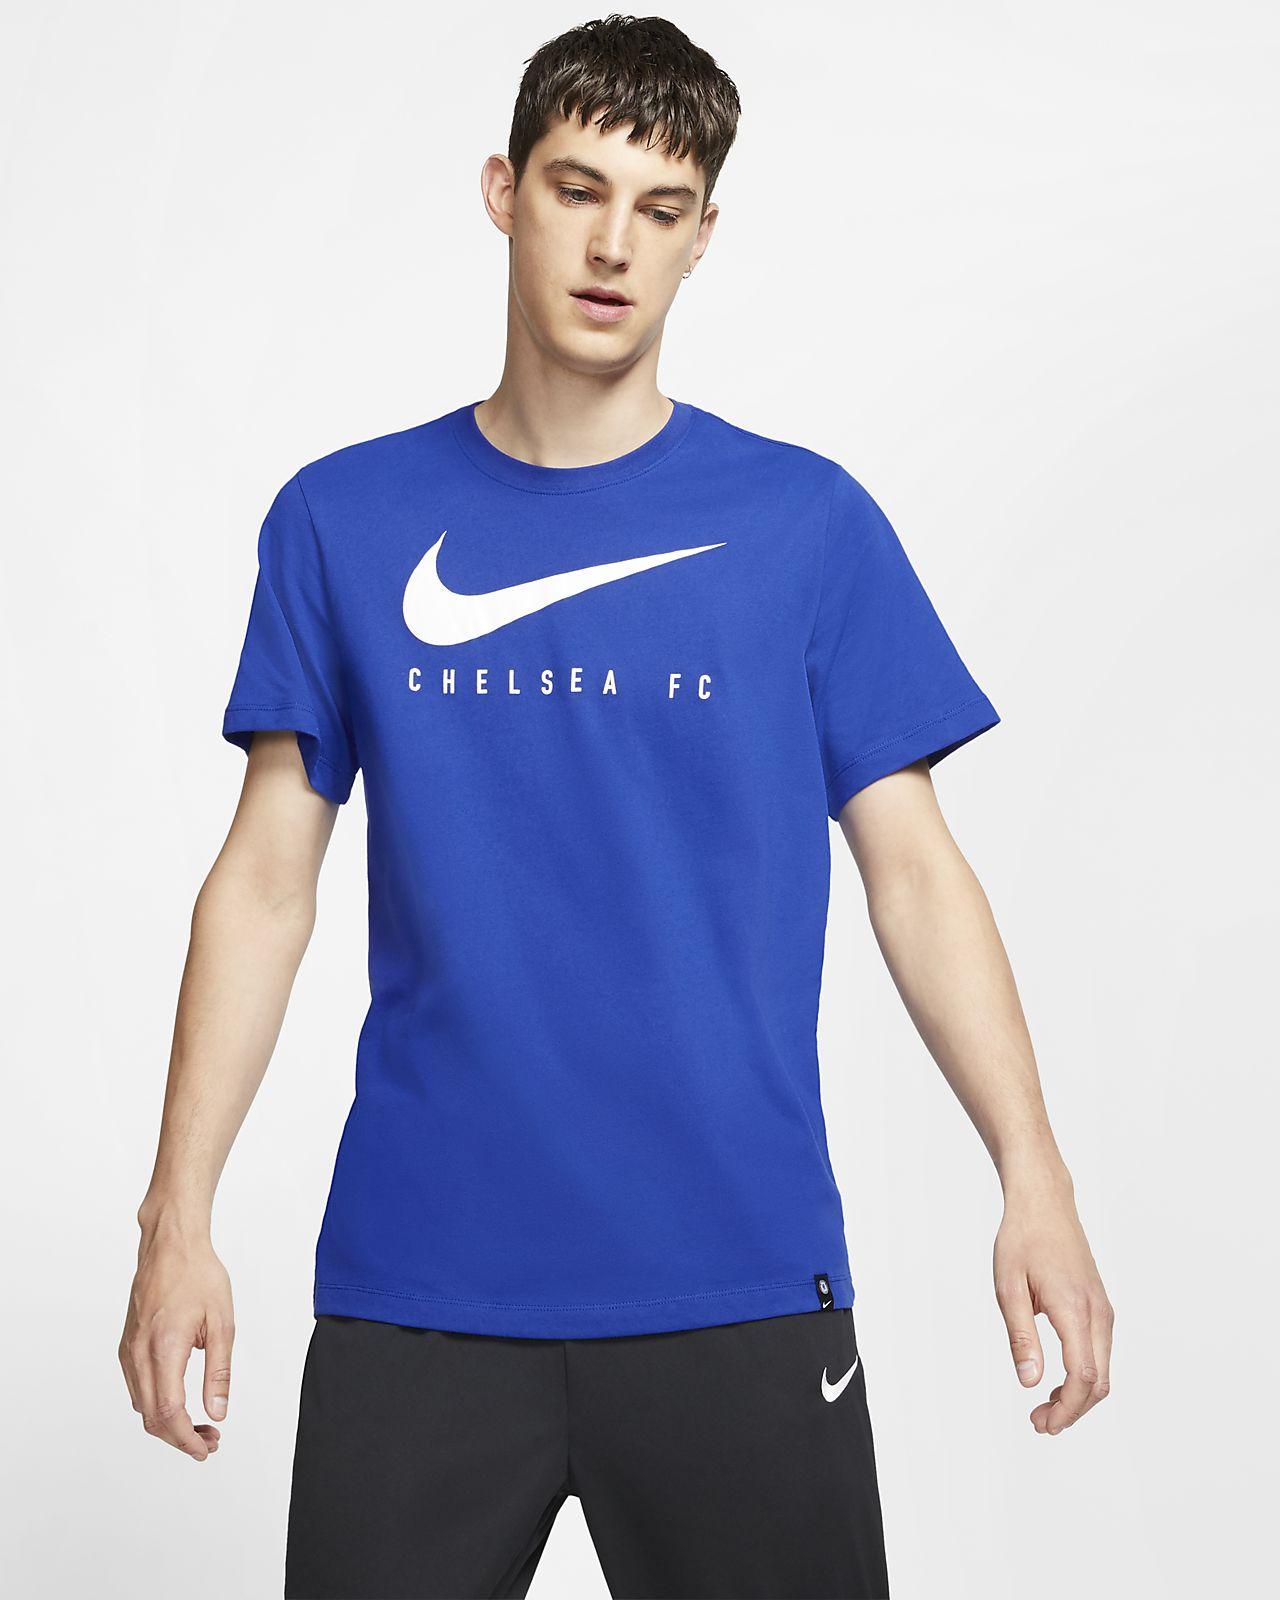 Nike Dri-FIT Chelsea FC T-skjorte for fotball til herre